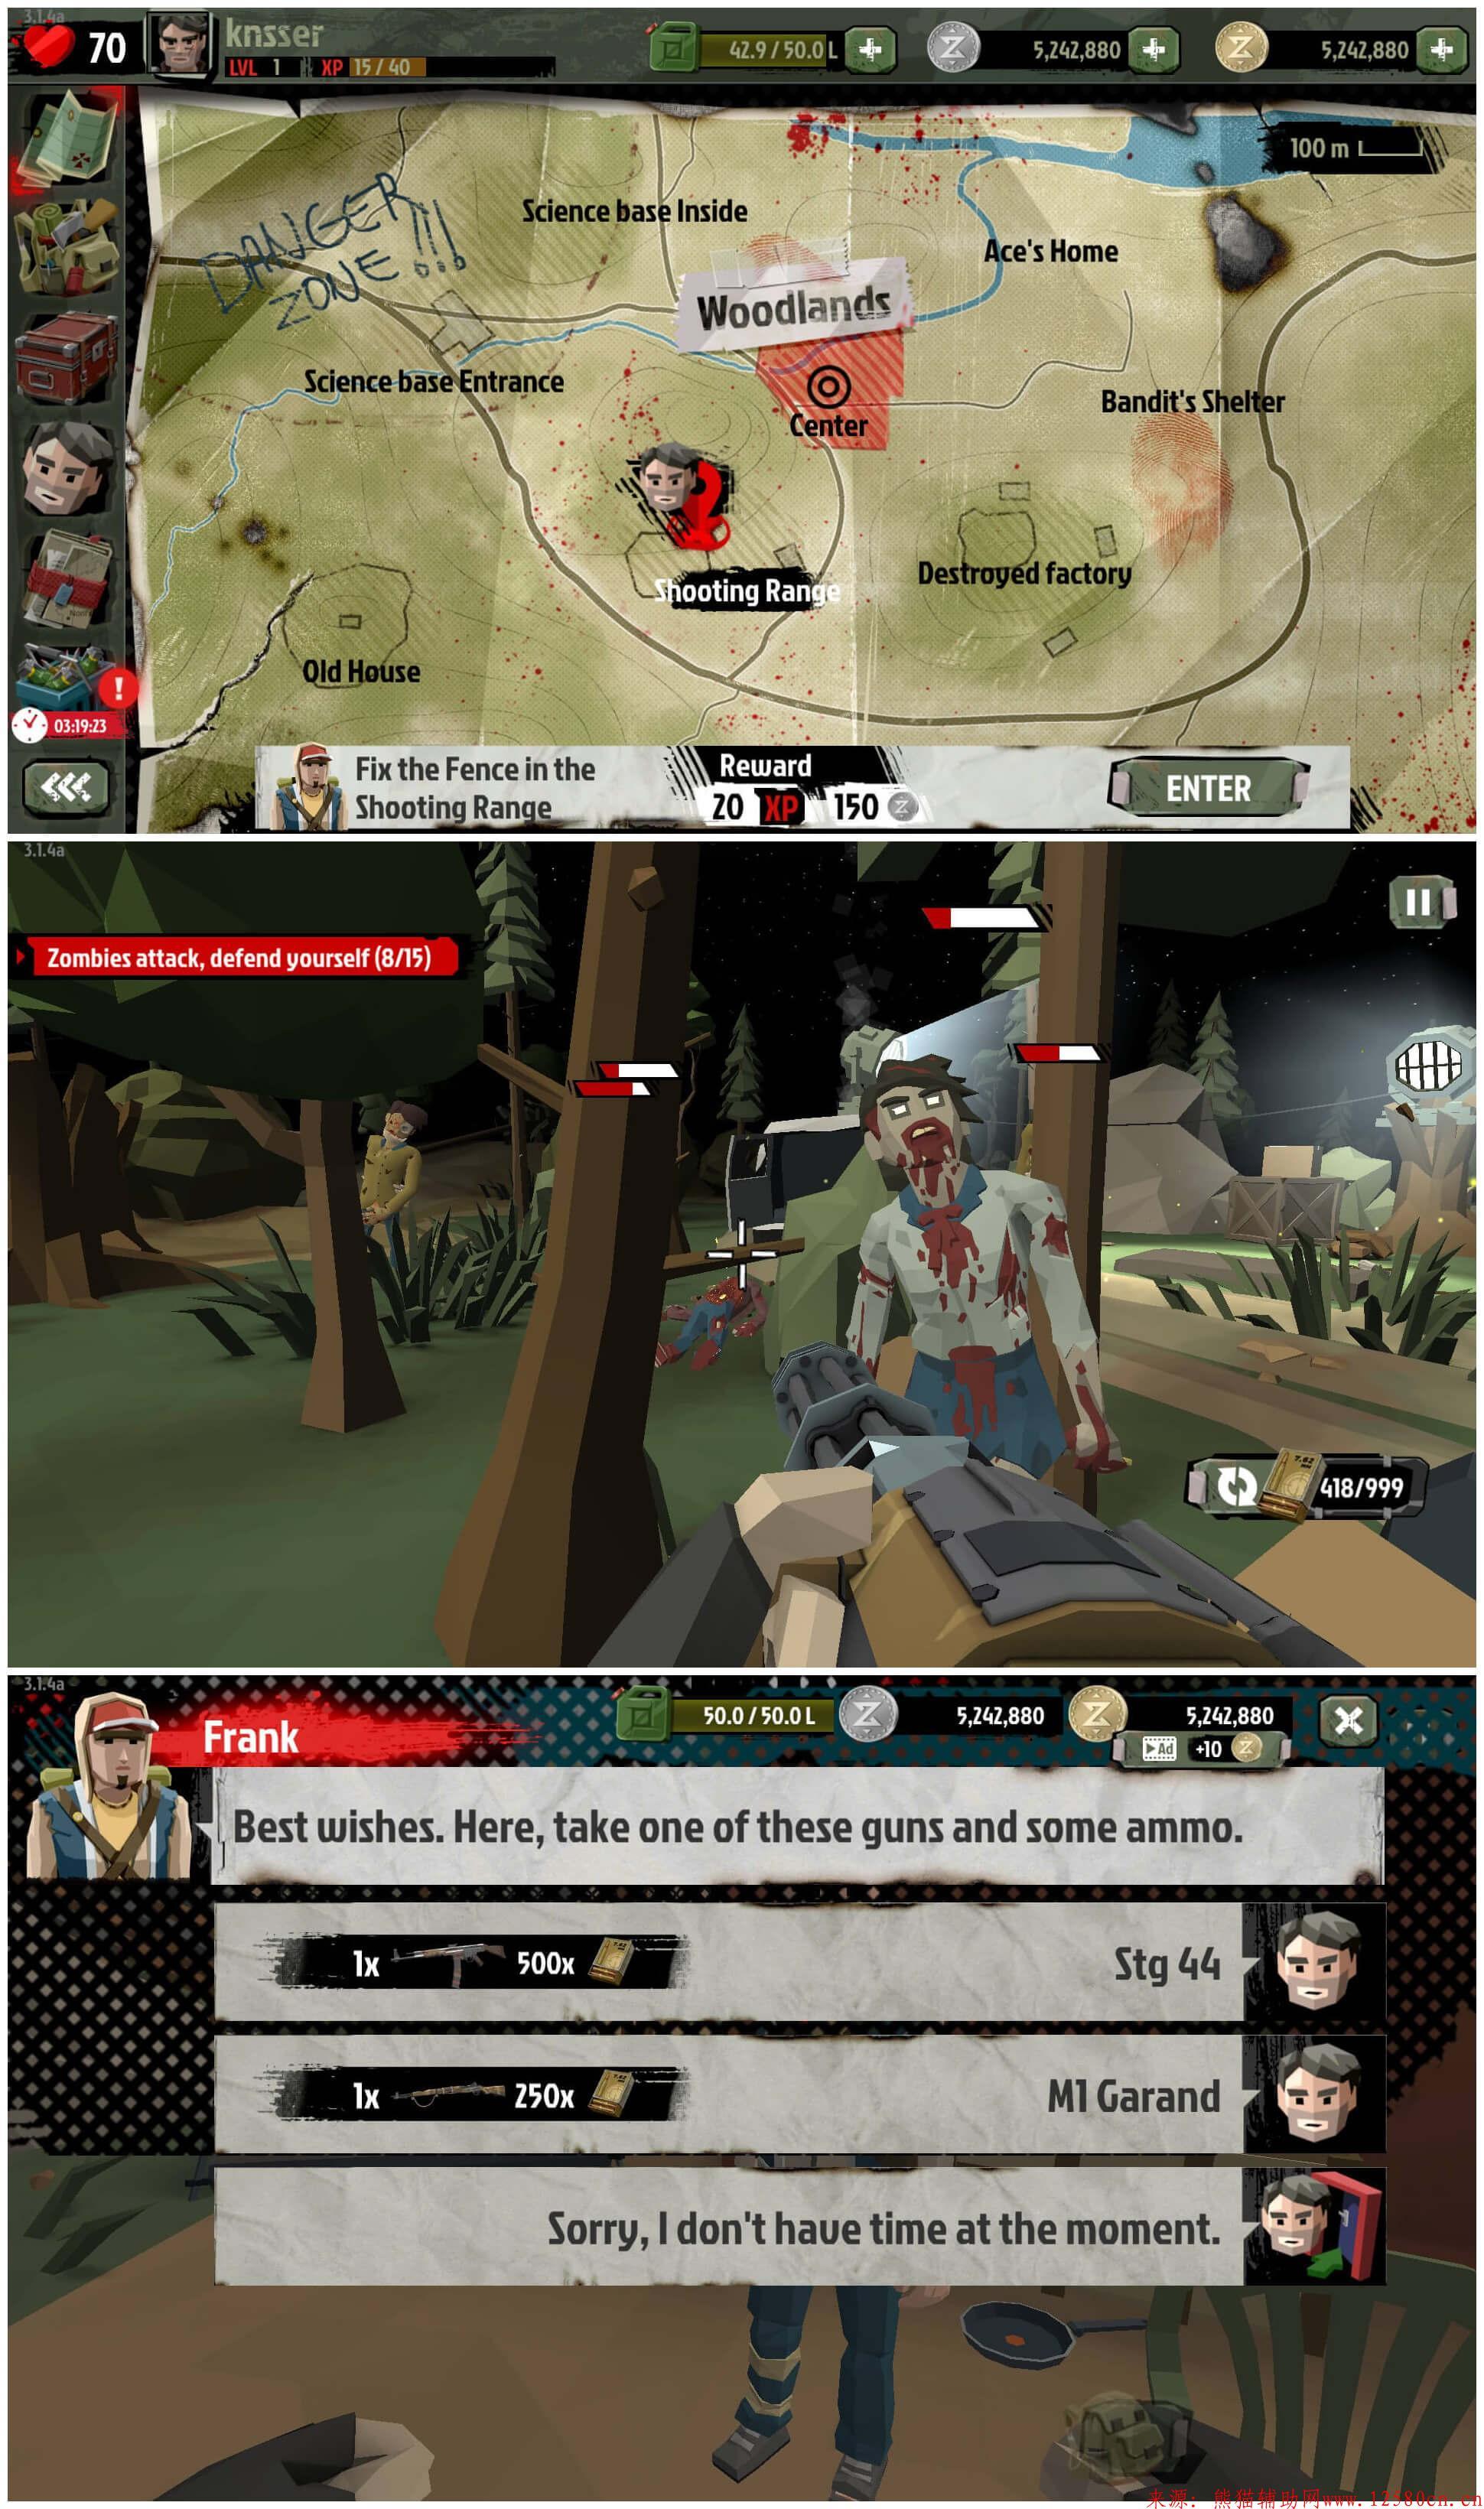 行尸2一款FPS射击游戏无限金钱